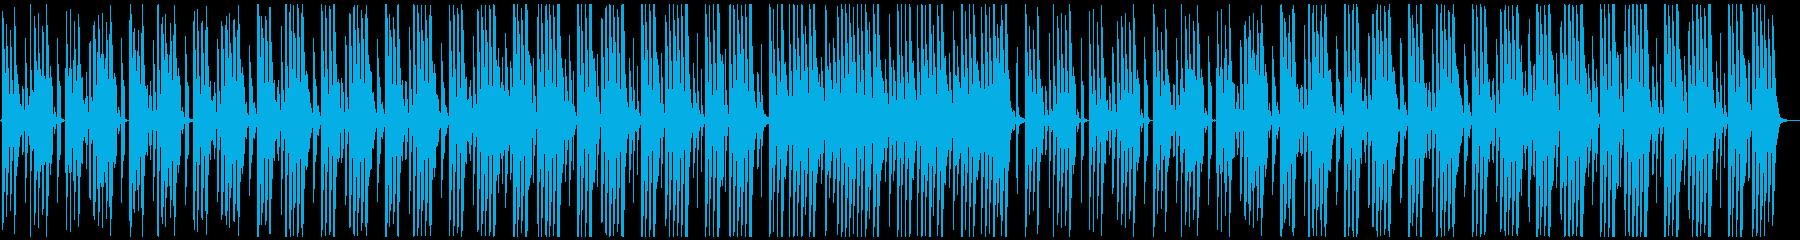 穏やかで優しいアコースティック♪の再生済みの波形